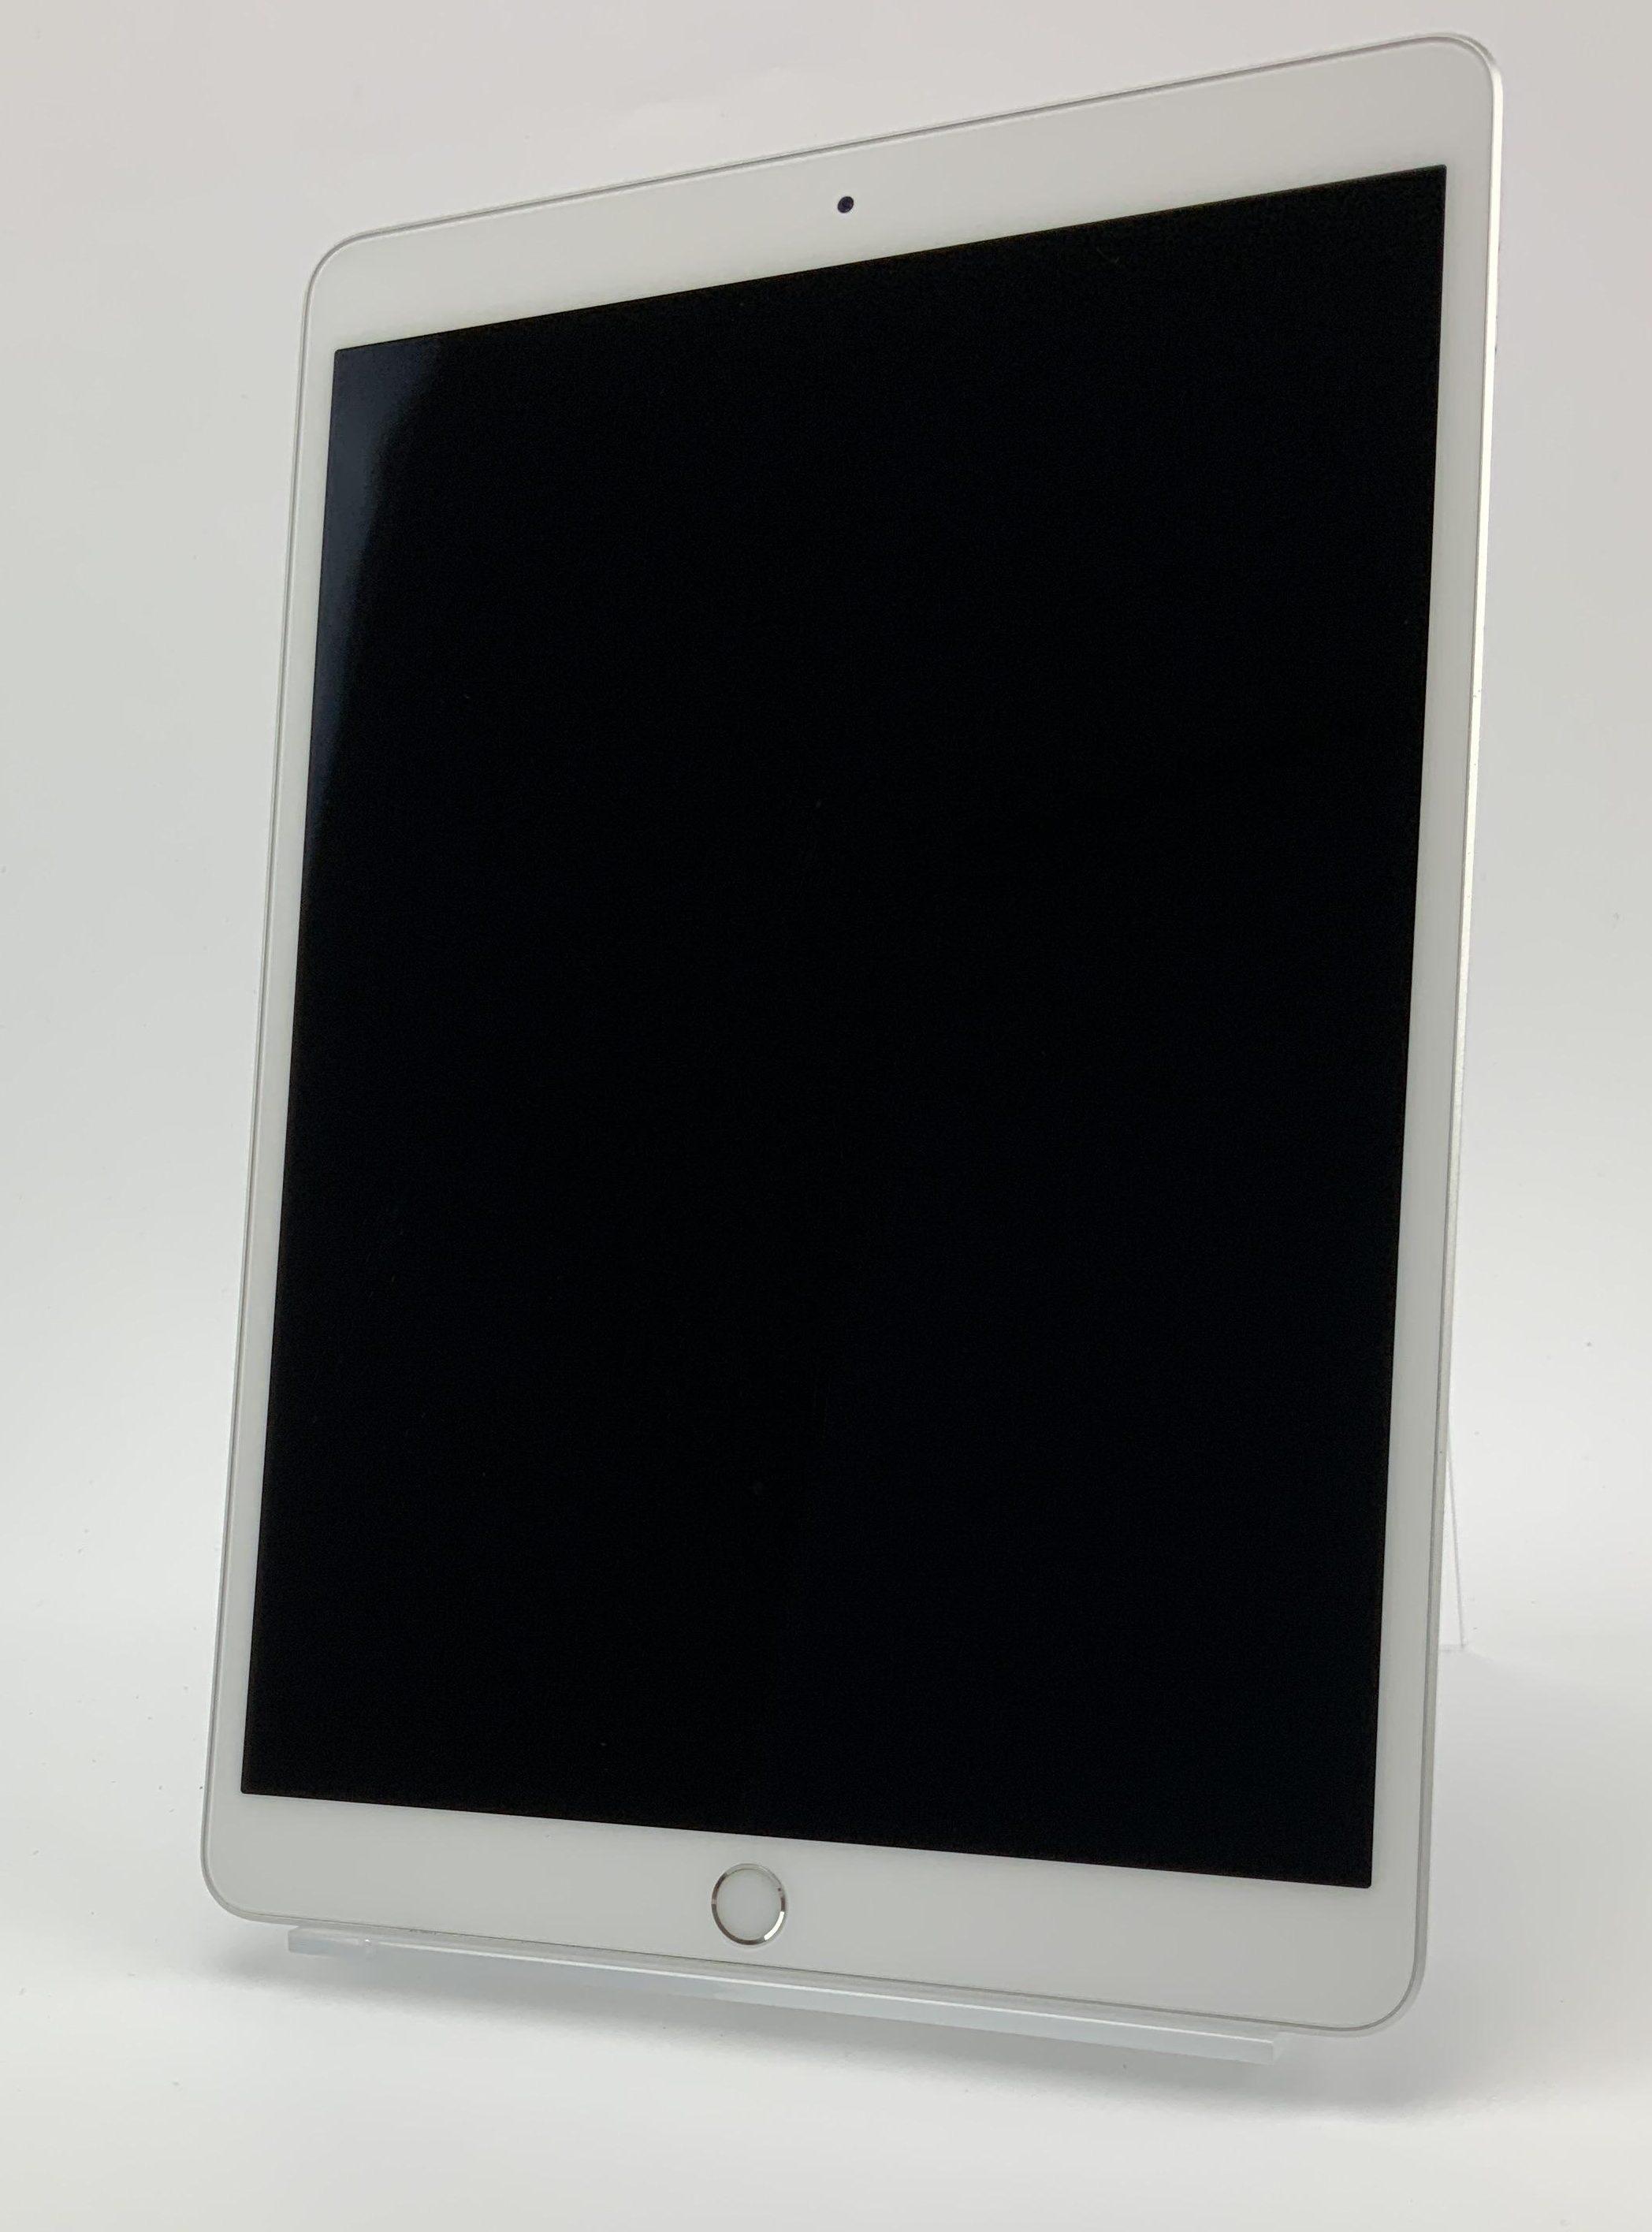 iPad Air 3 Wi-Fi 64GB, 64GB, Silver, image 1